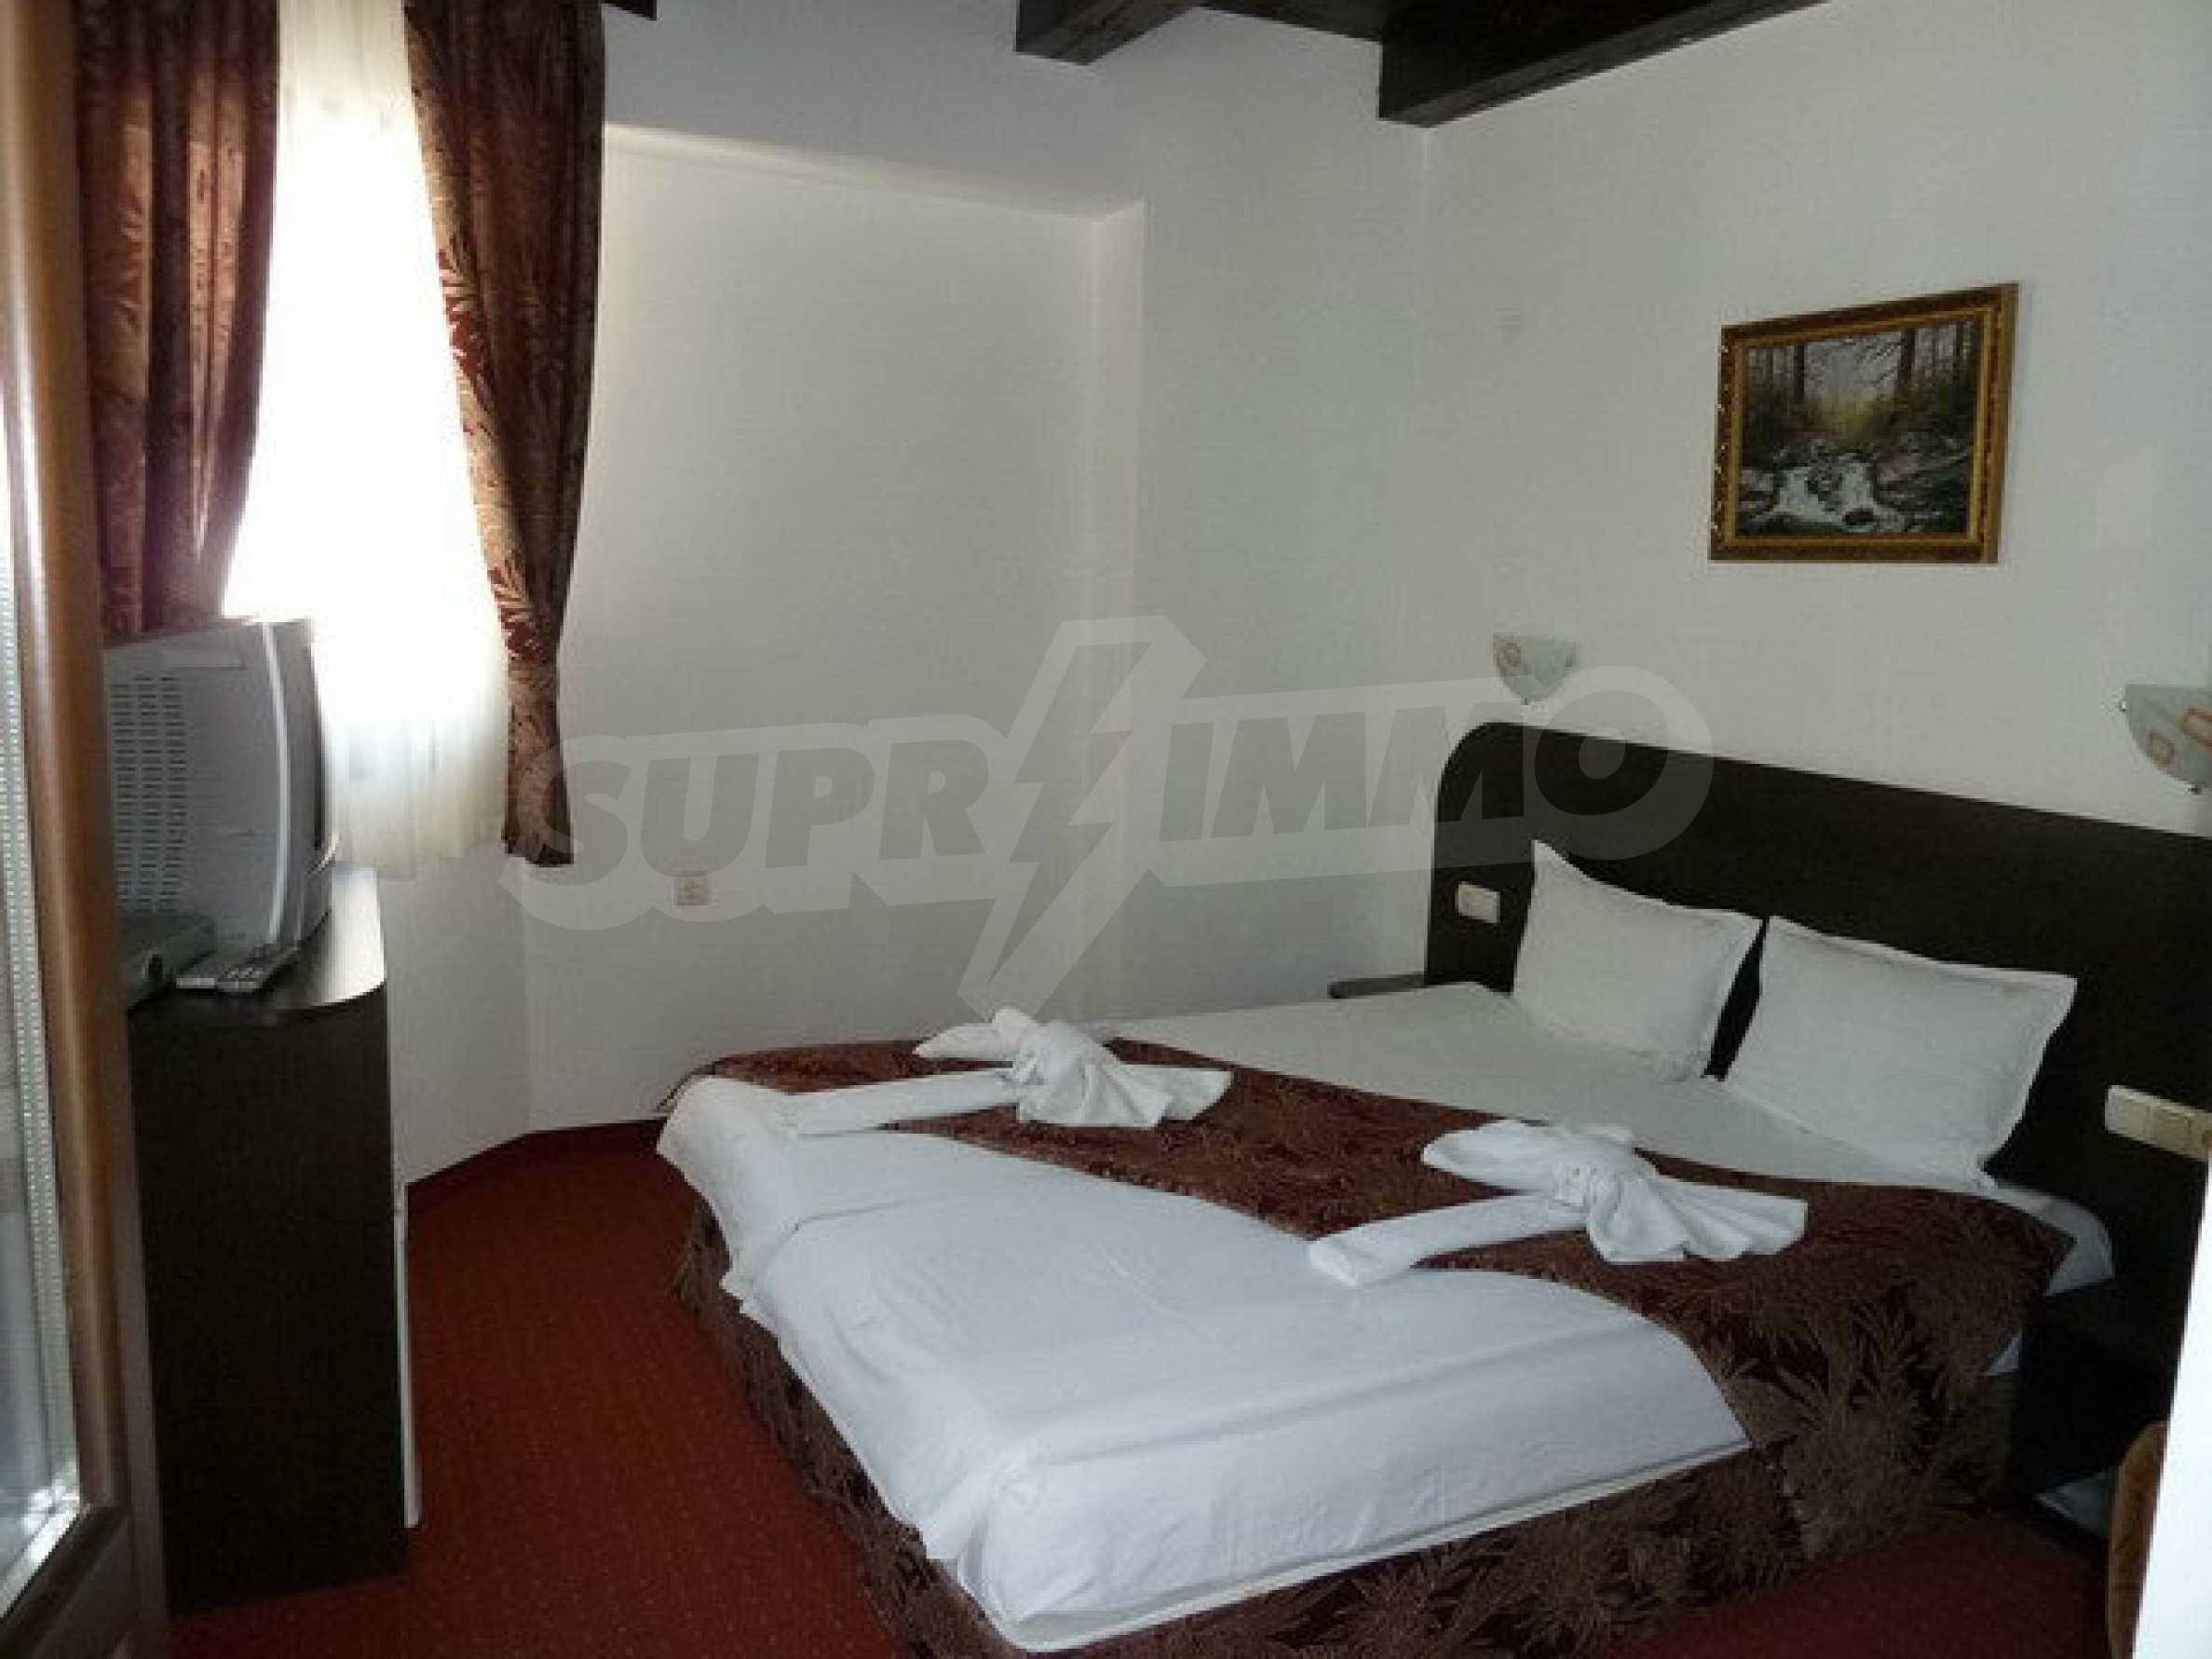 Zwei Gästehäuser in einer attraktiven Gegend mit heißen Mineralquellen in der Nähe der Stadt Troyan 3